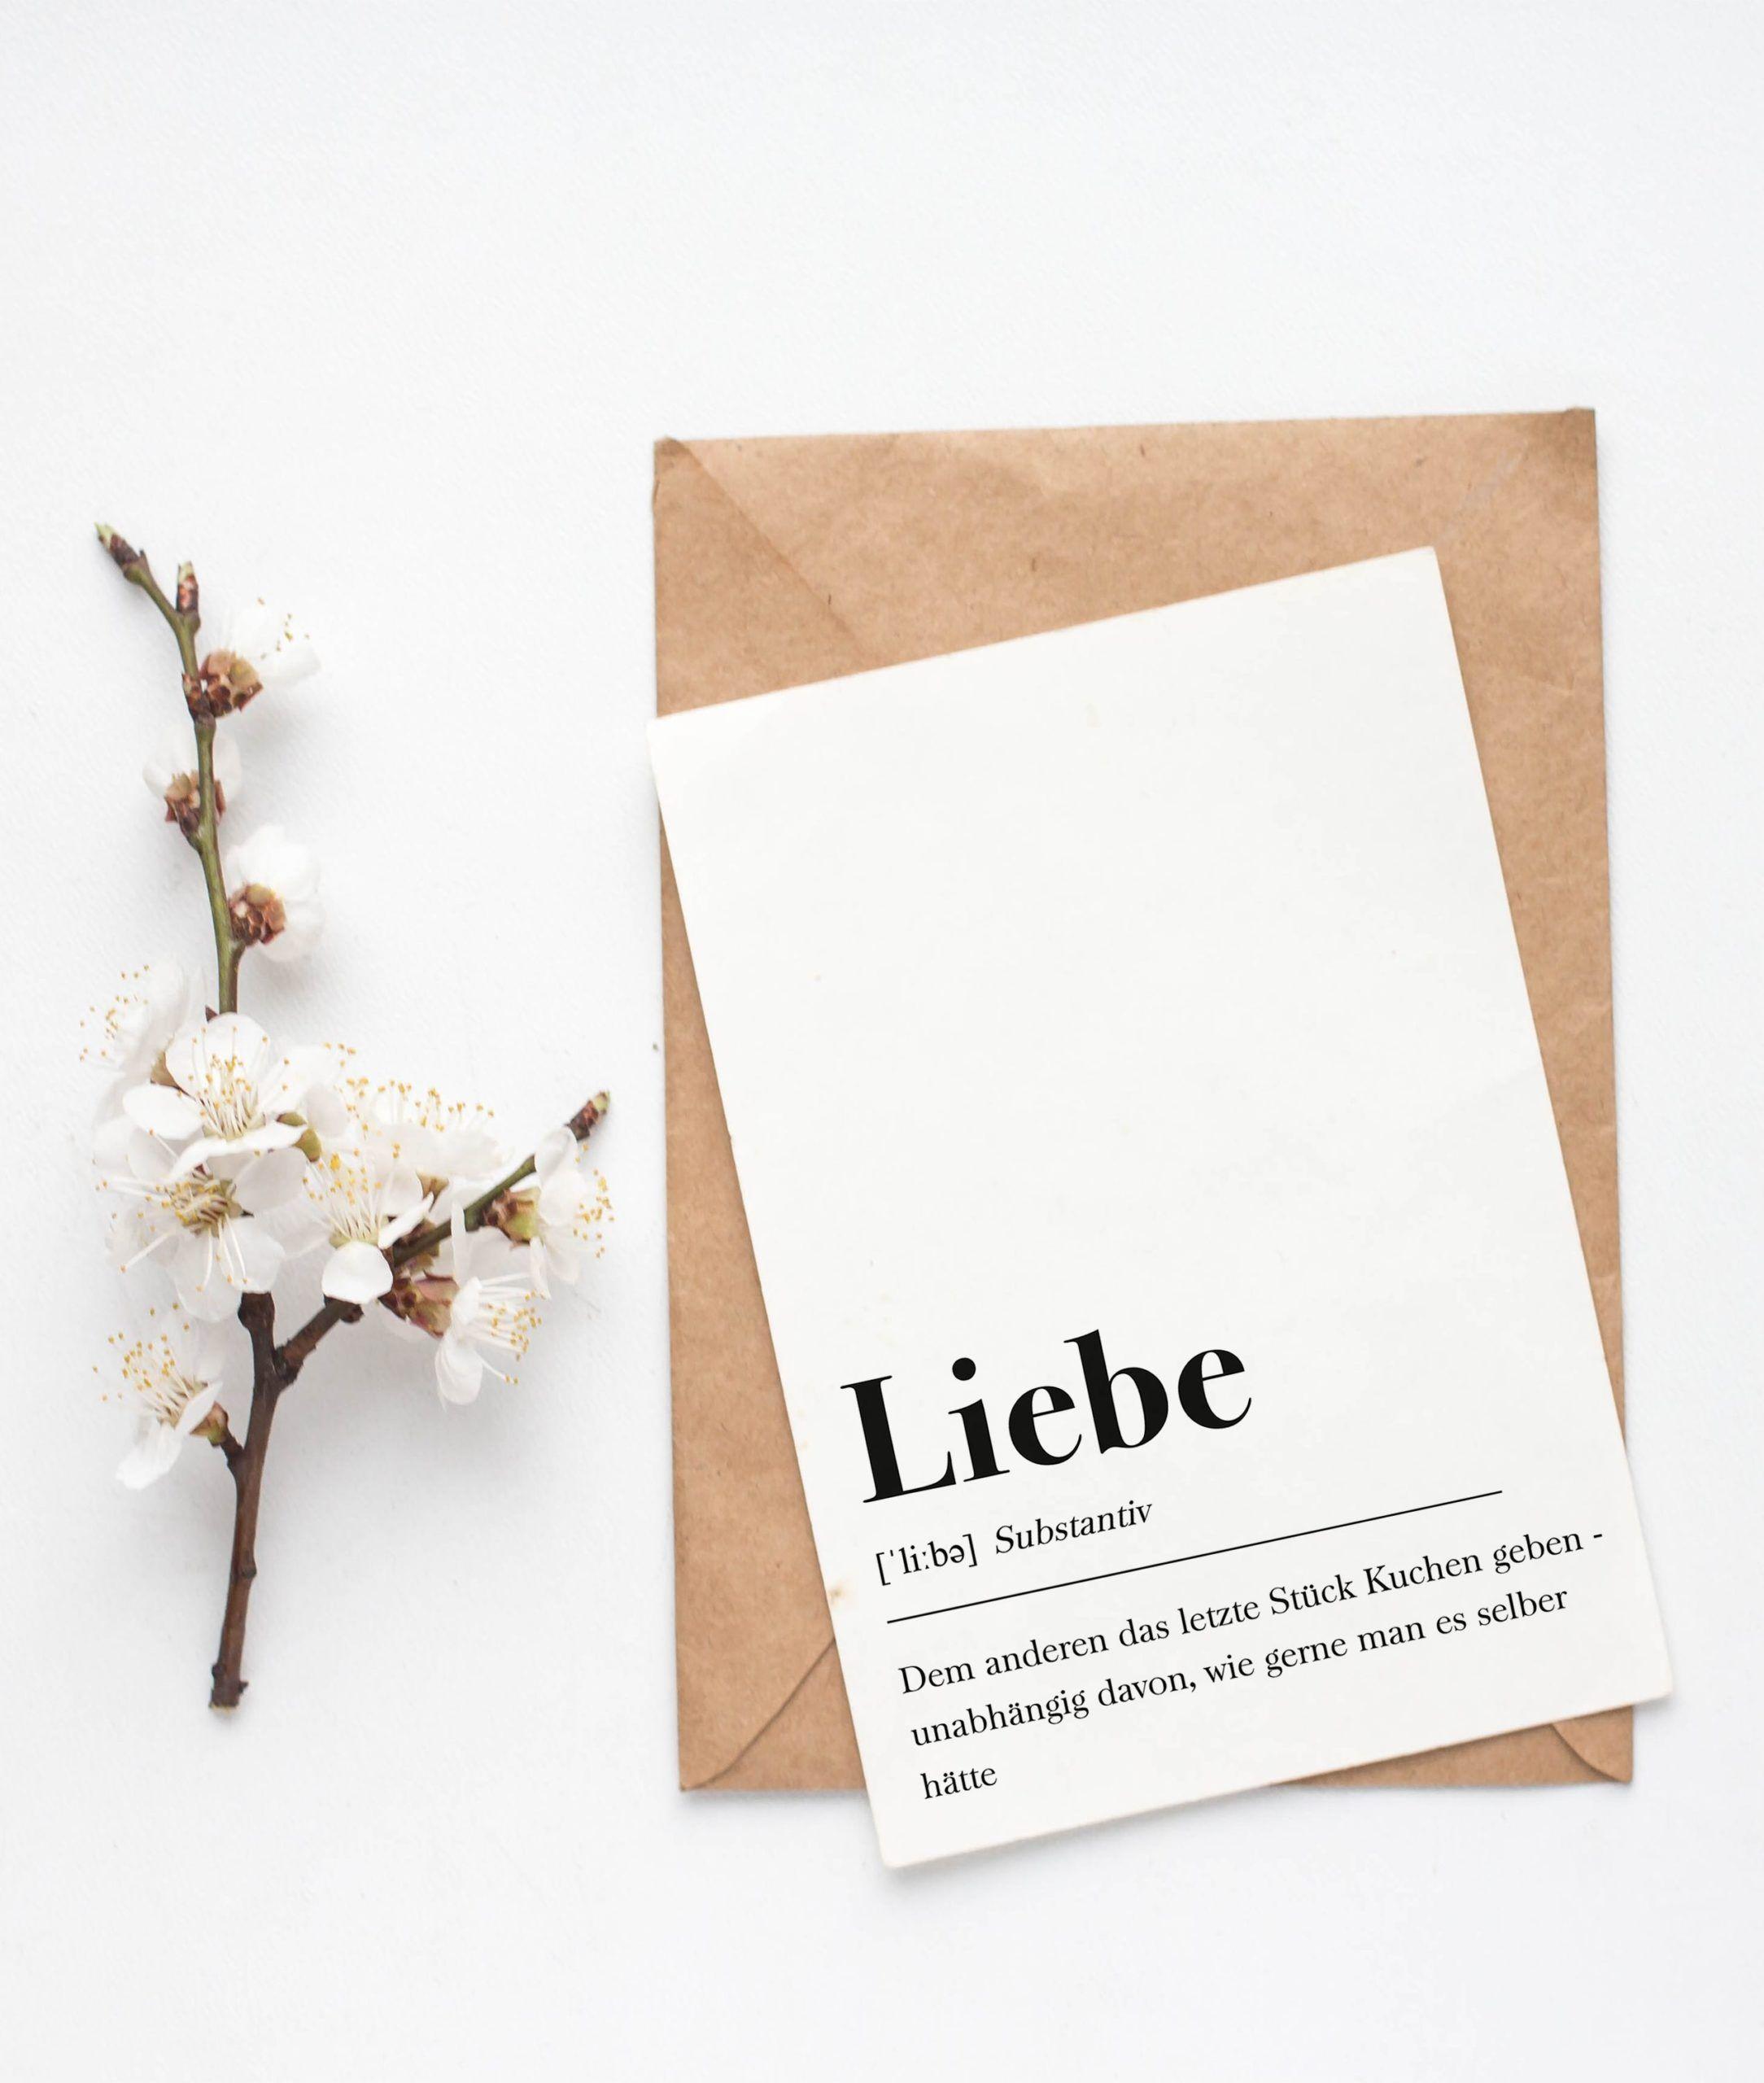 Grußkarte|Hunde Hochzeitspaar|Glückwunschkarte|Hochzeitskarte|Mit Umschlag|Humor